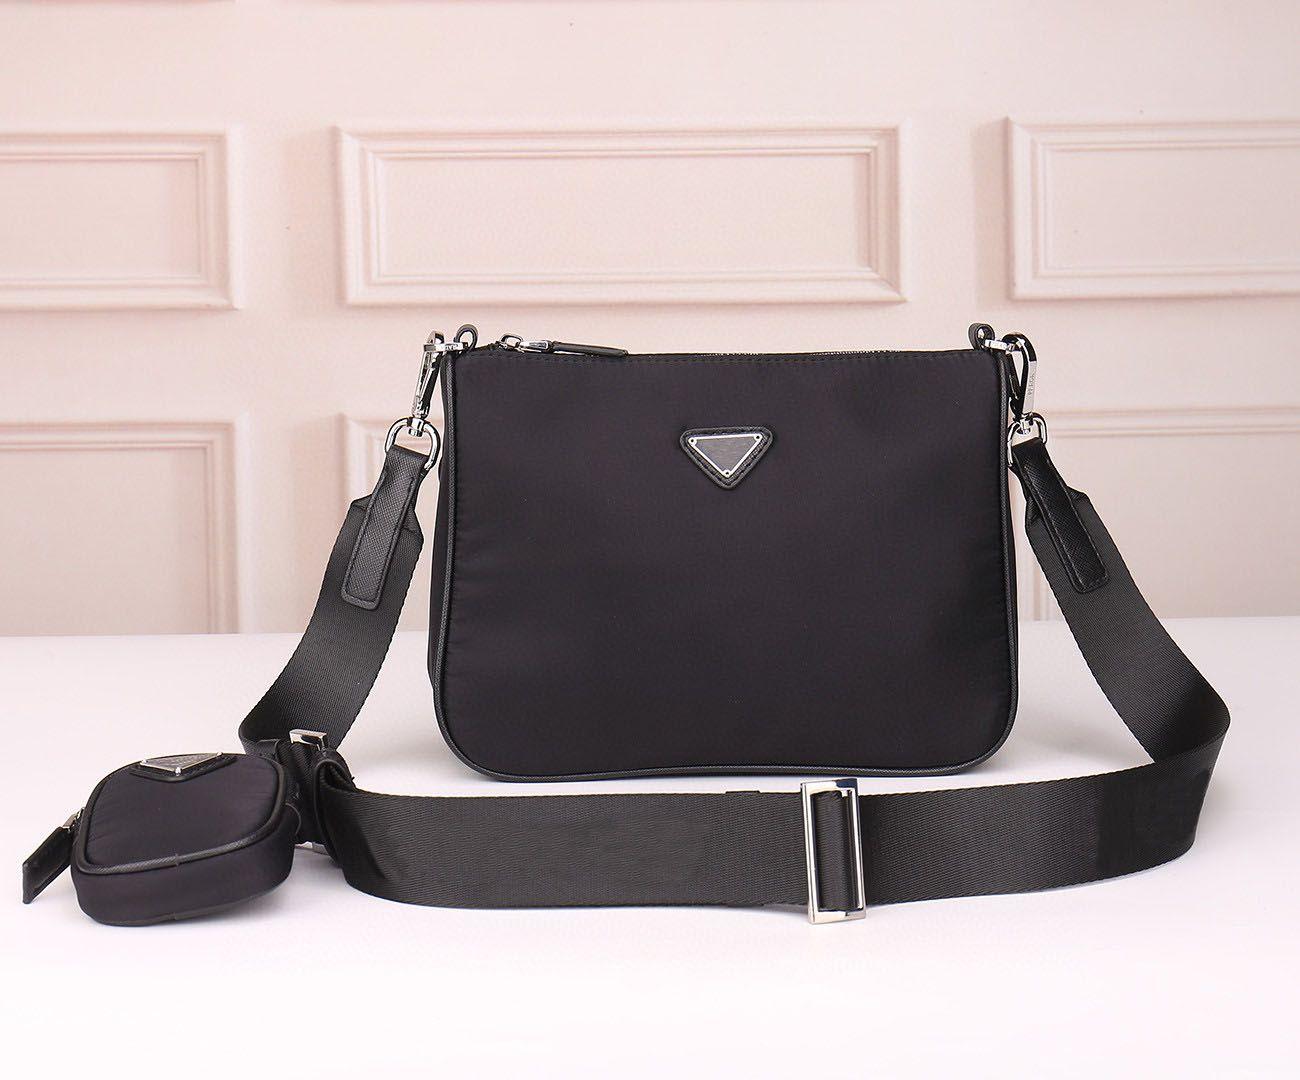 Moda Bolsas Clássicas Designer Mulheres Mulheres Bolsa de Ombro Cores Feminina Embreagem Lady Saco Saco Messenger Bolsa Sacolas PR02